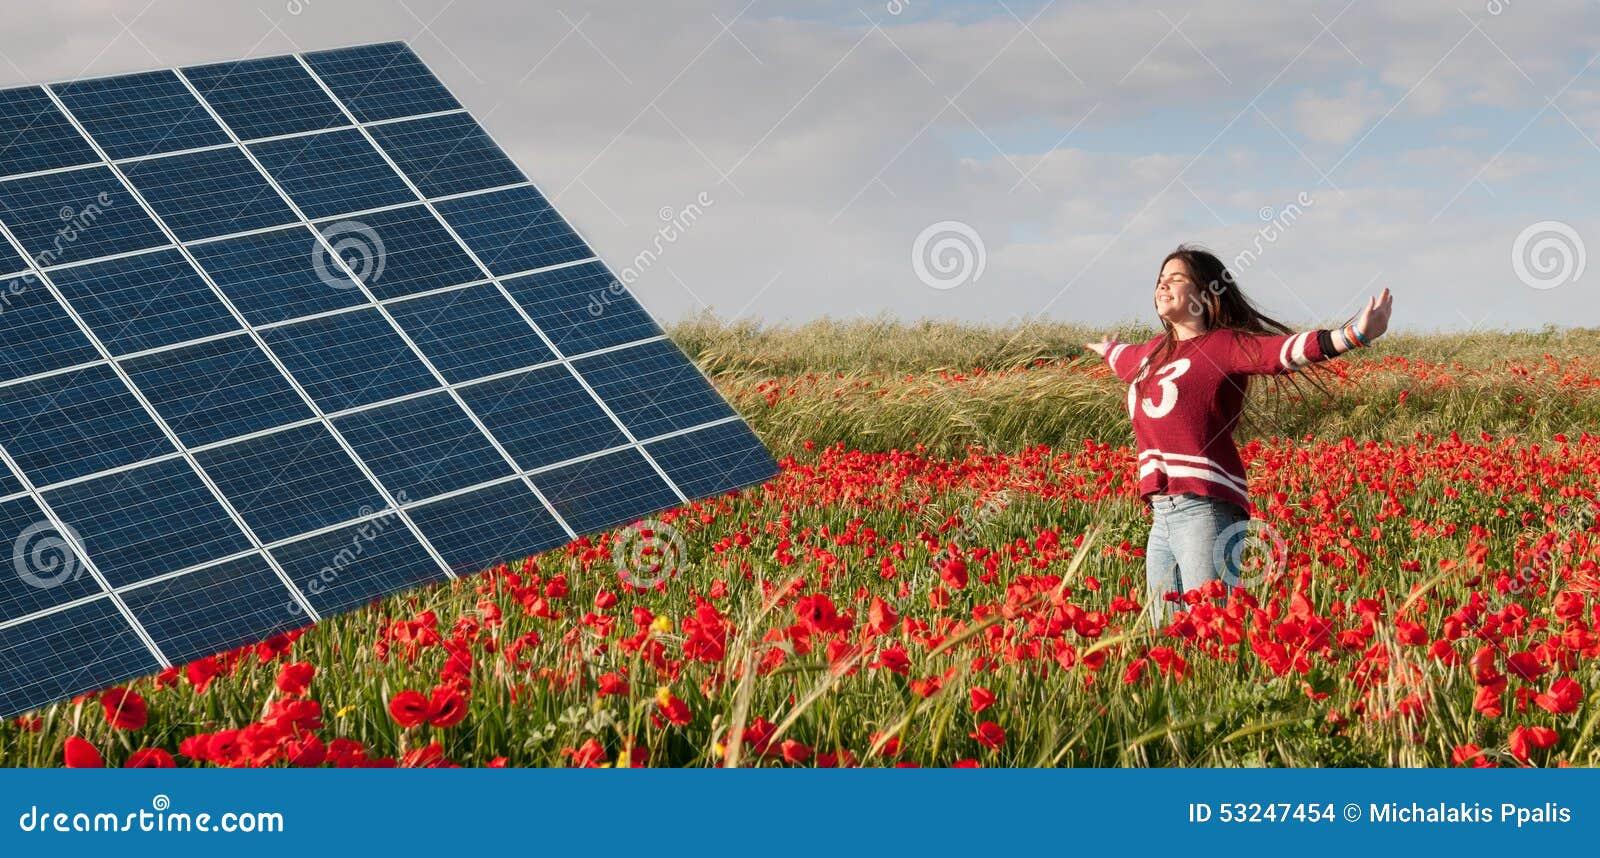 El panel y adolescente de energía solar en un campo con las amapolas rojas